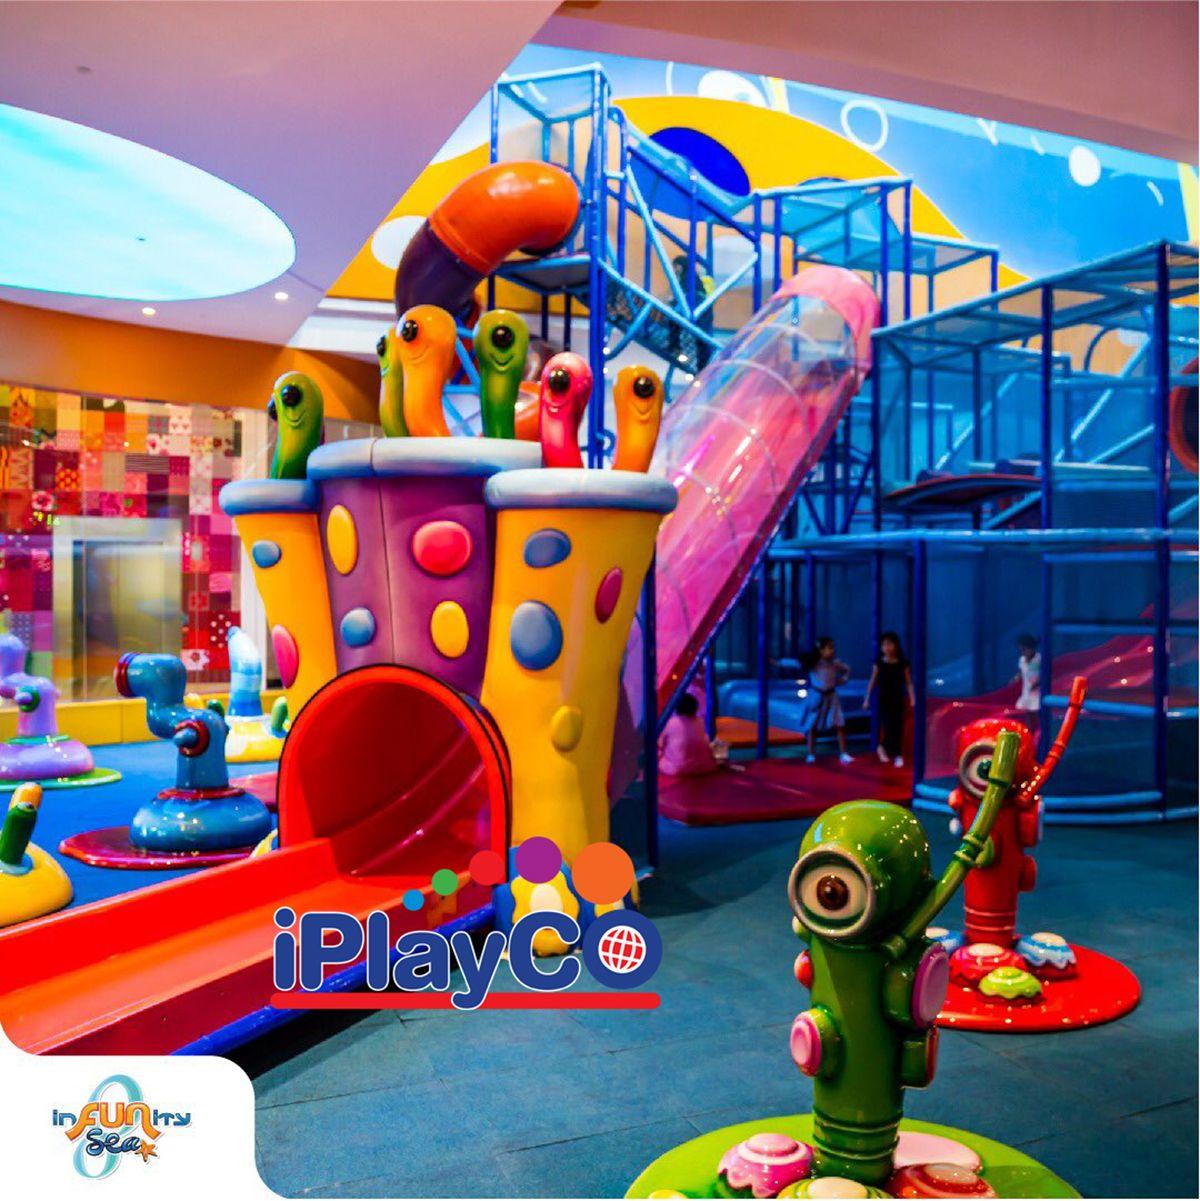 We Custom Design And Install Children's Playground